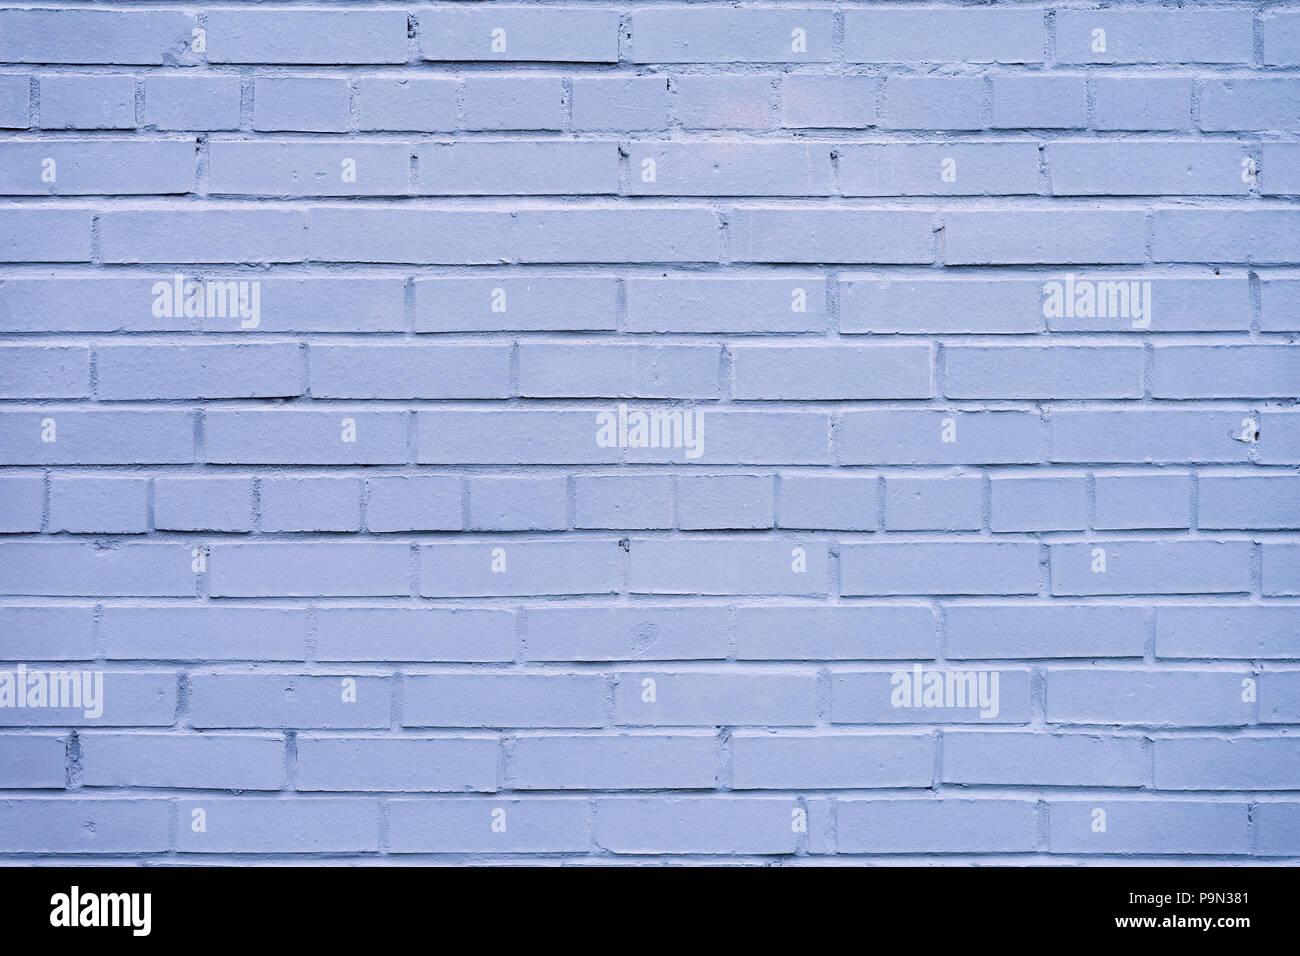 Purpur violett Brick bemalten Wand, abstrakte im städtischen Hintergrund, Textur, Banner Design, kopieren Raum Stockfoto